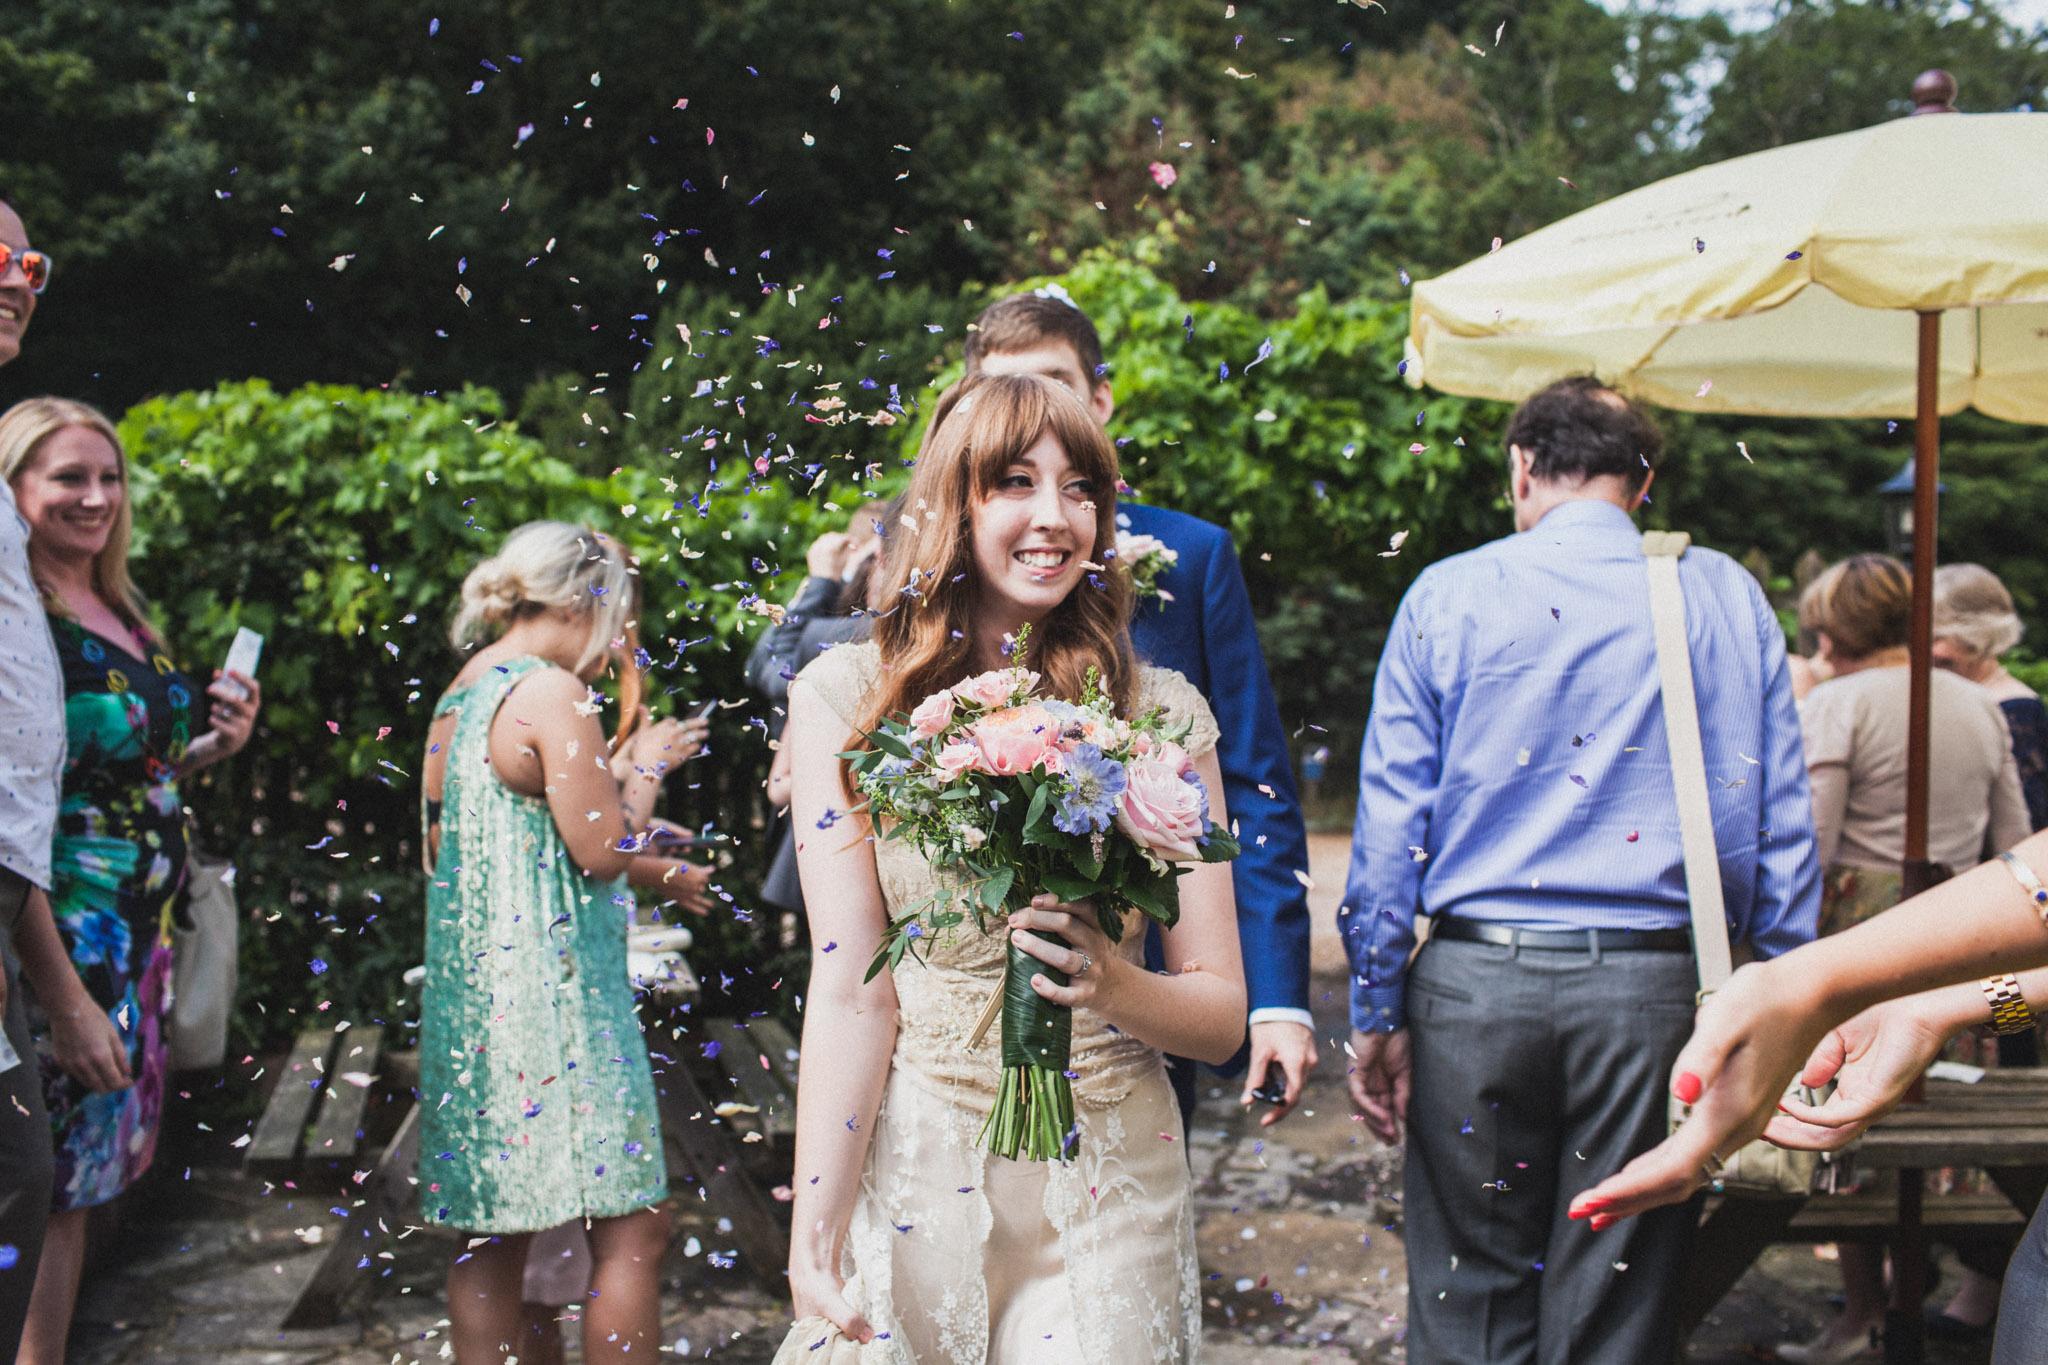 lewes_wedding_photographer_0053.jpg